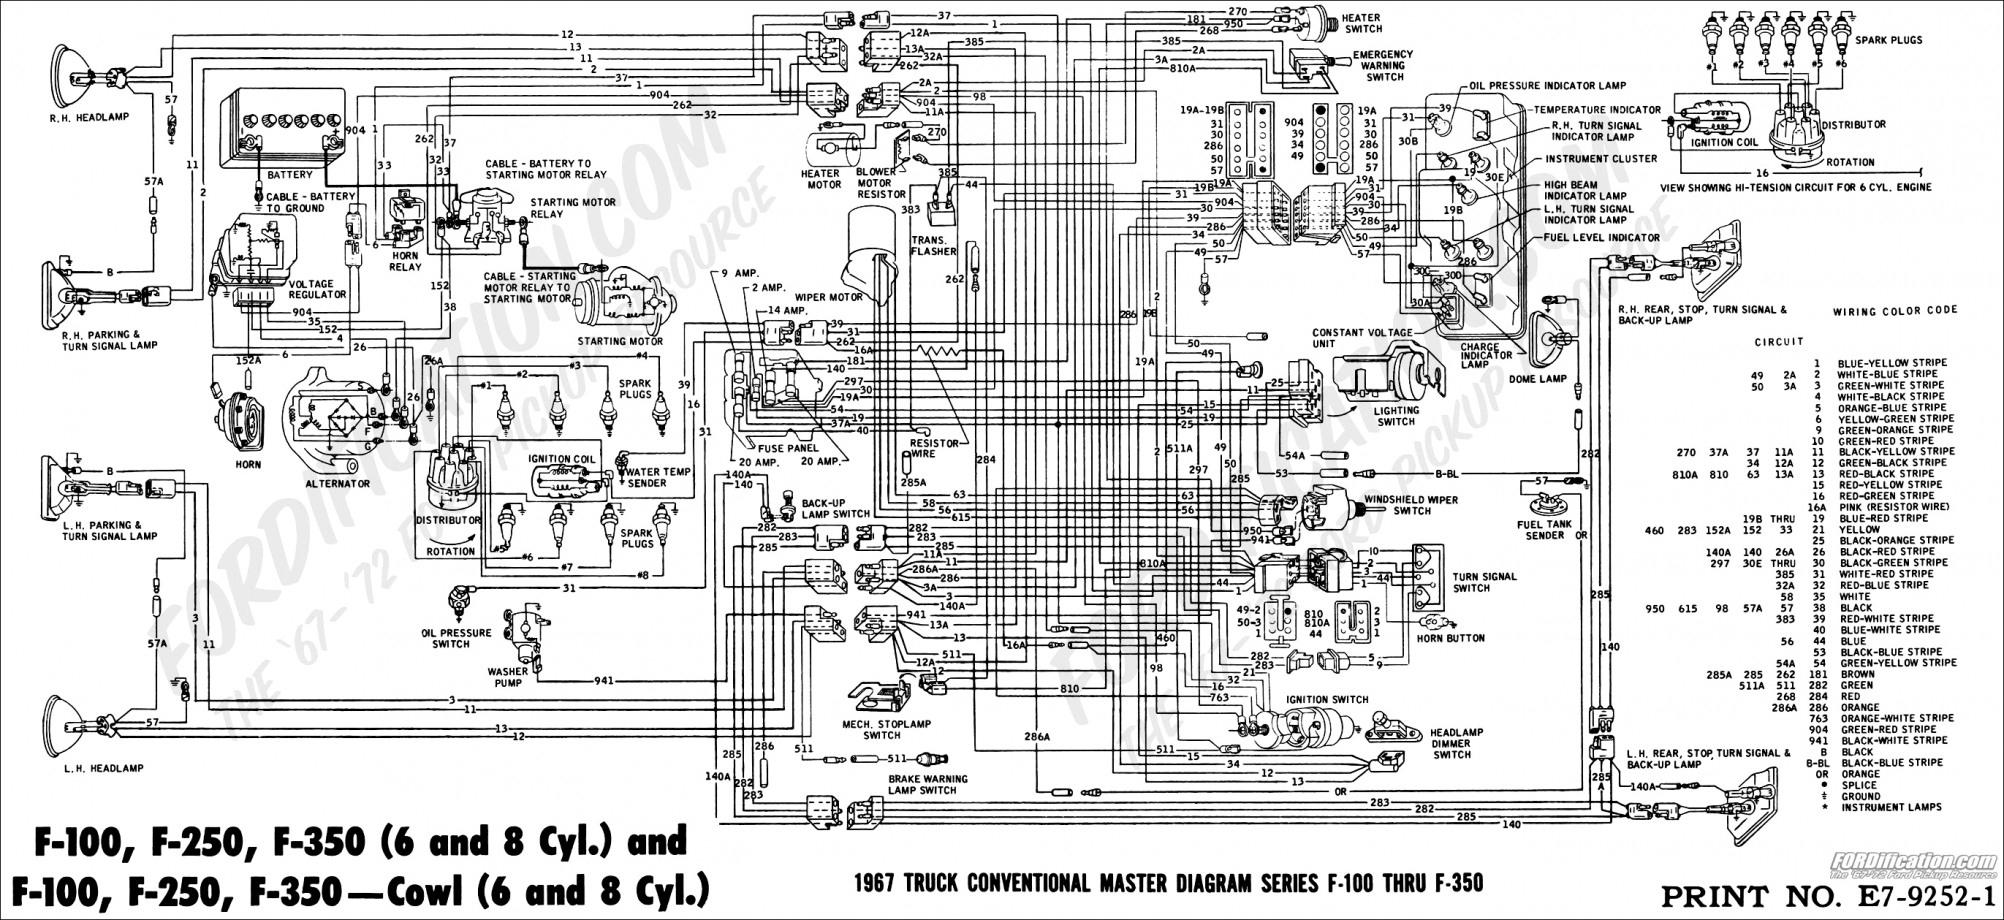 Duraspark Wiring Schematic | Wiring Diagram - Ford Duraspark Wiring Diagram